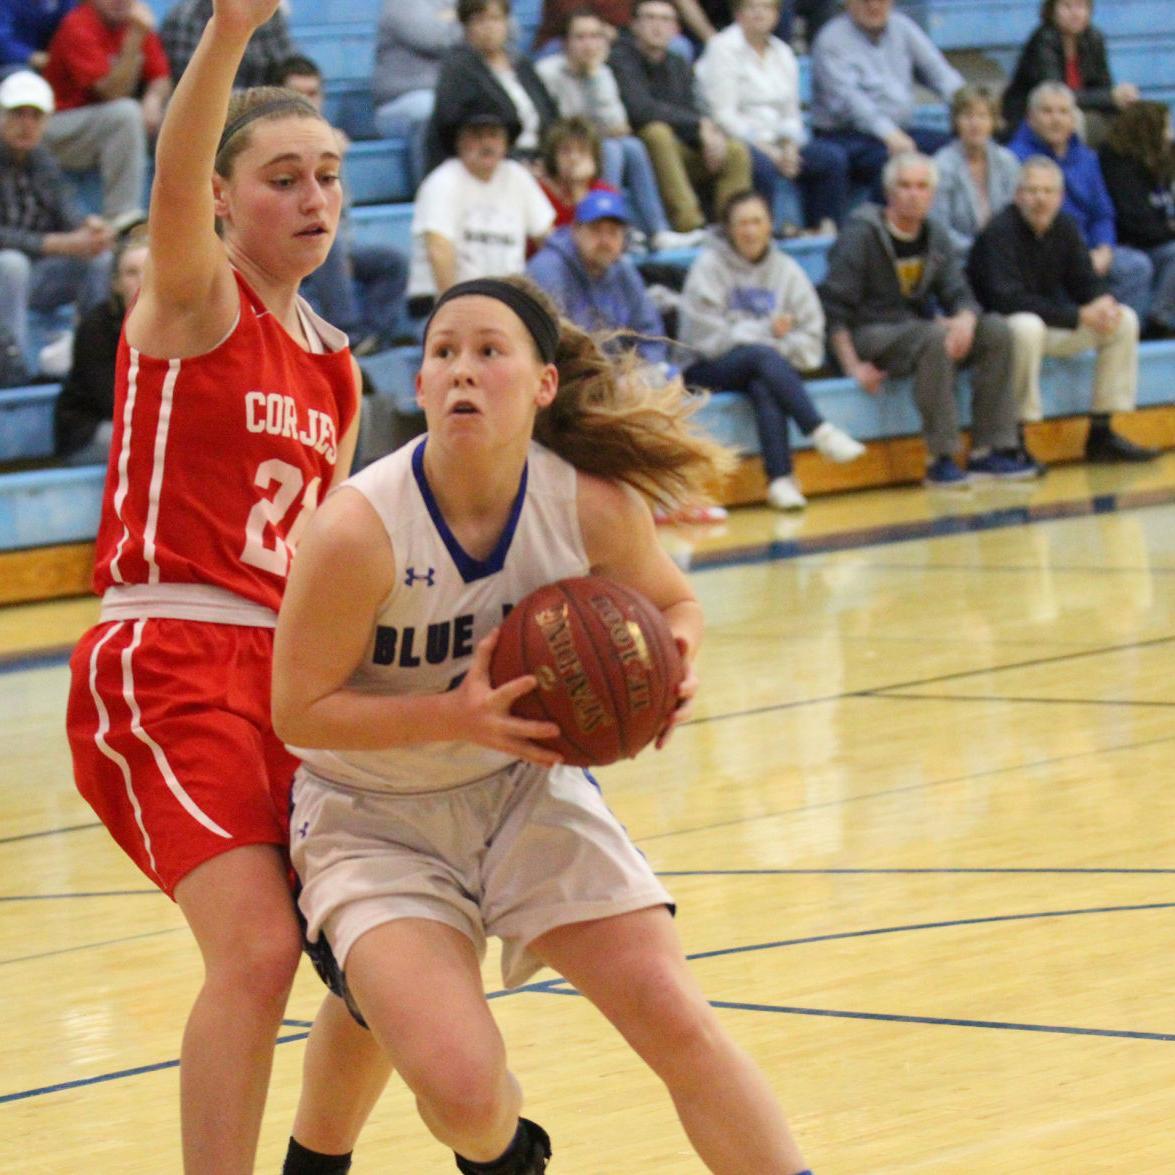 Girls Basketball — Washington vs. Cor Jesu